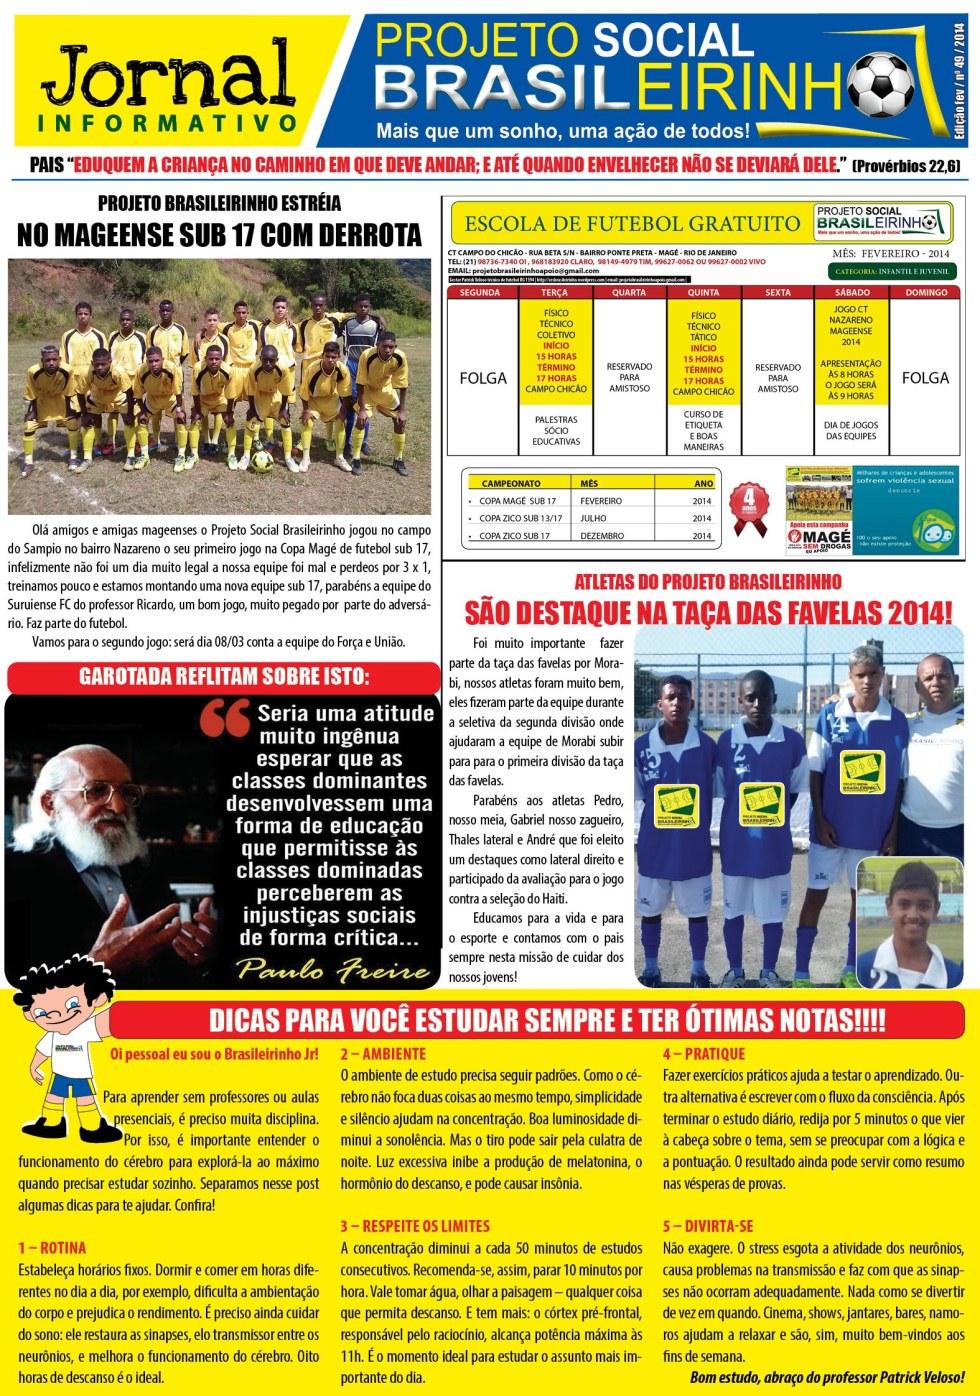 Jornal_projeto_brasileirinho_fev_ed_49_2014